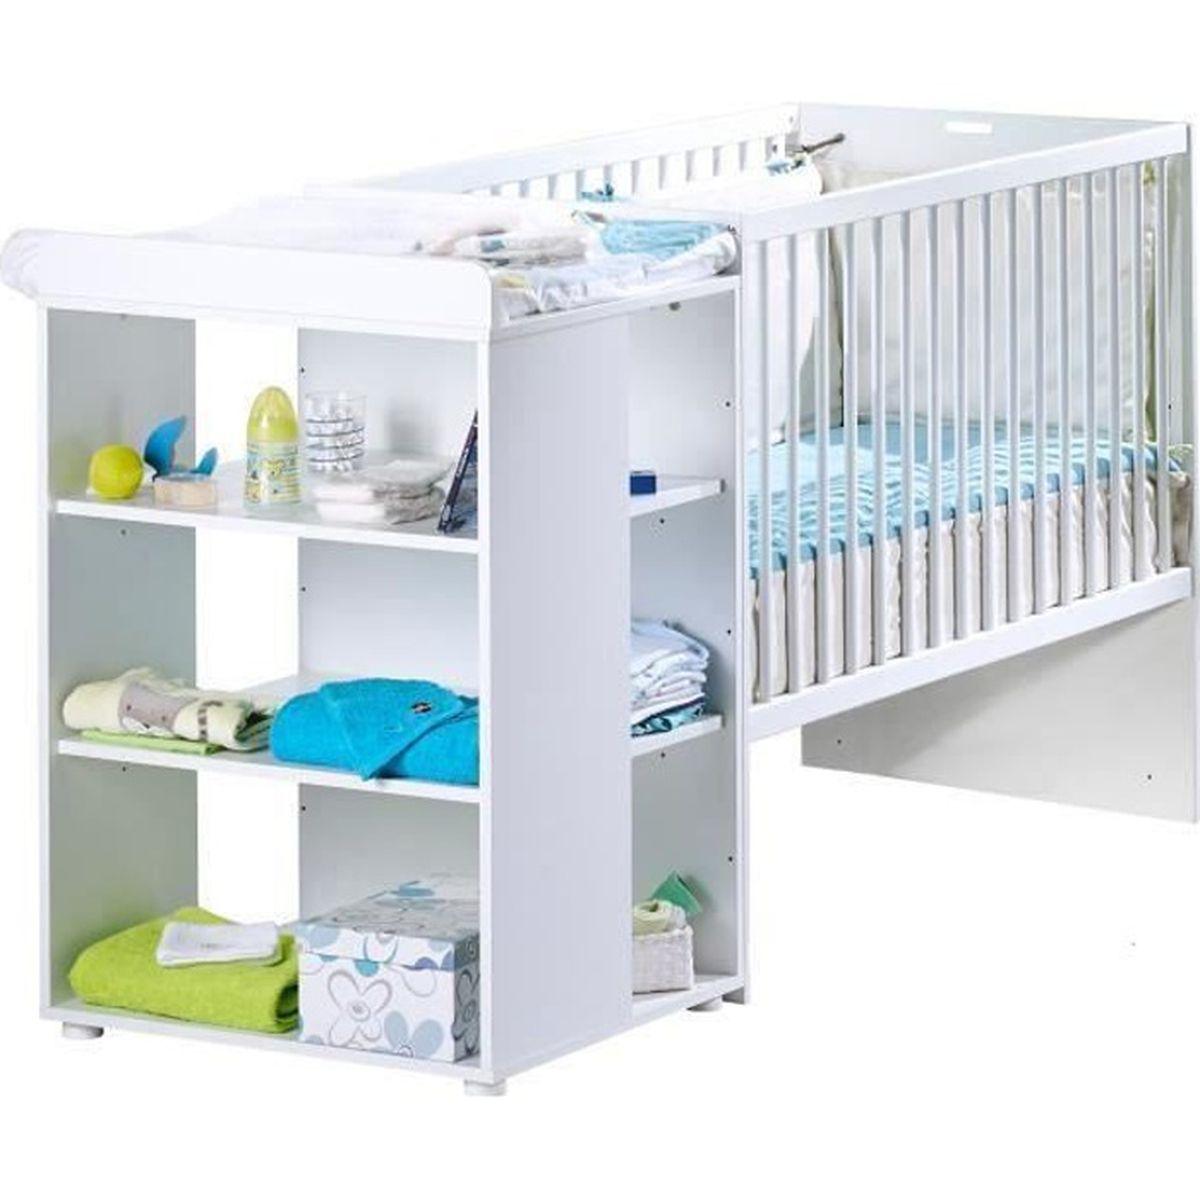 Lit bebe avec table a langer - Achat / Vente pas cher